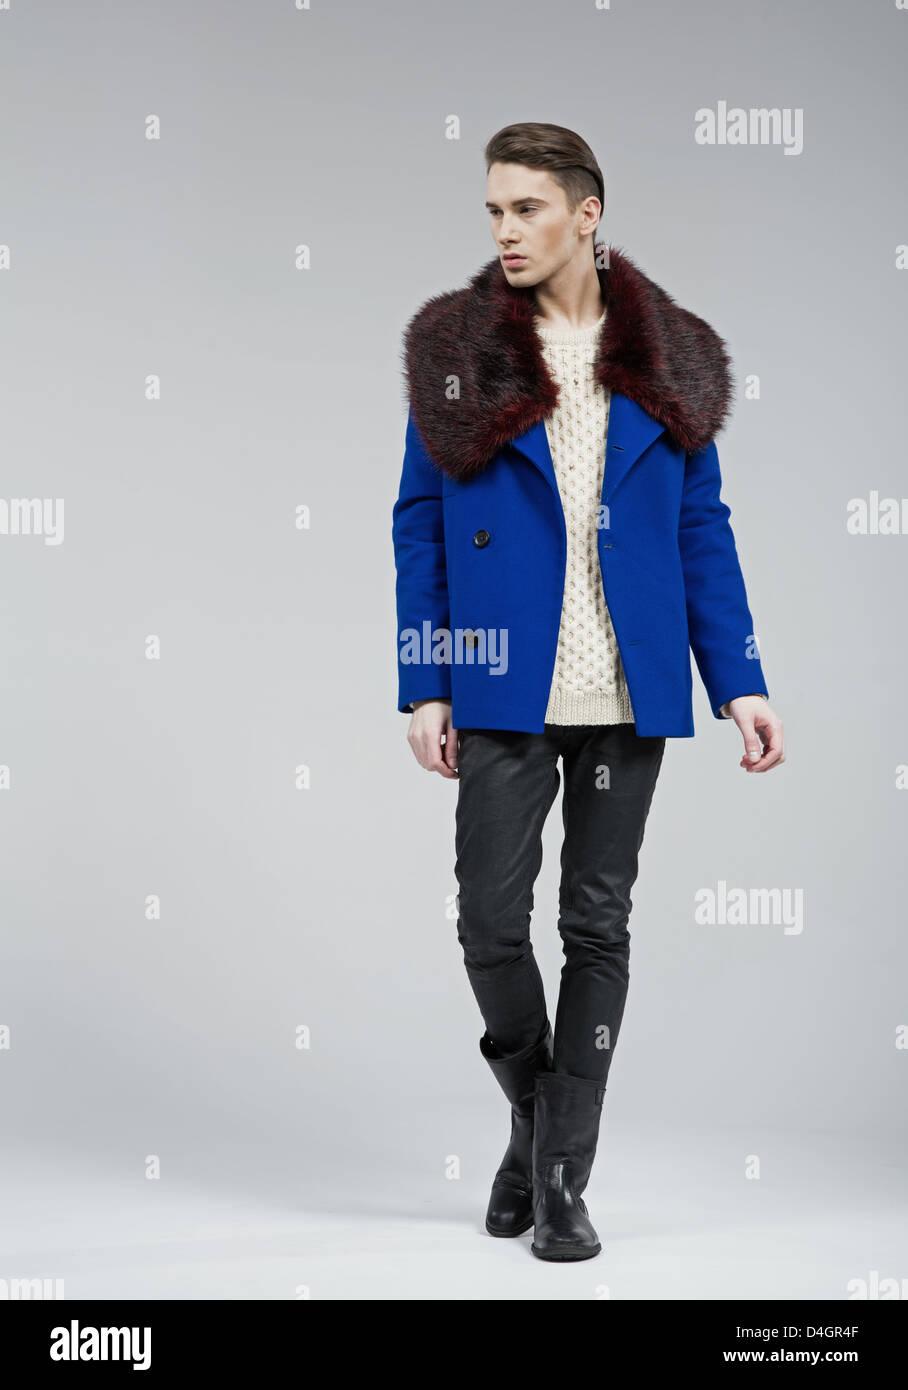 Apuesto hombre elegante vestido de Blue Coat. Imagen De Stock